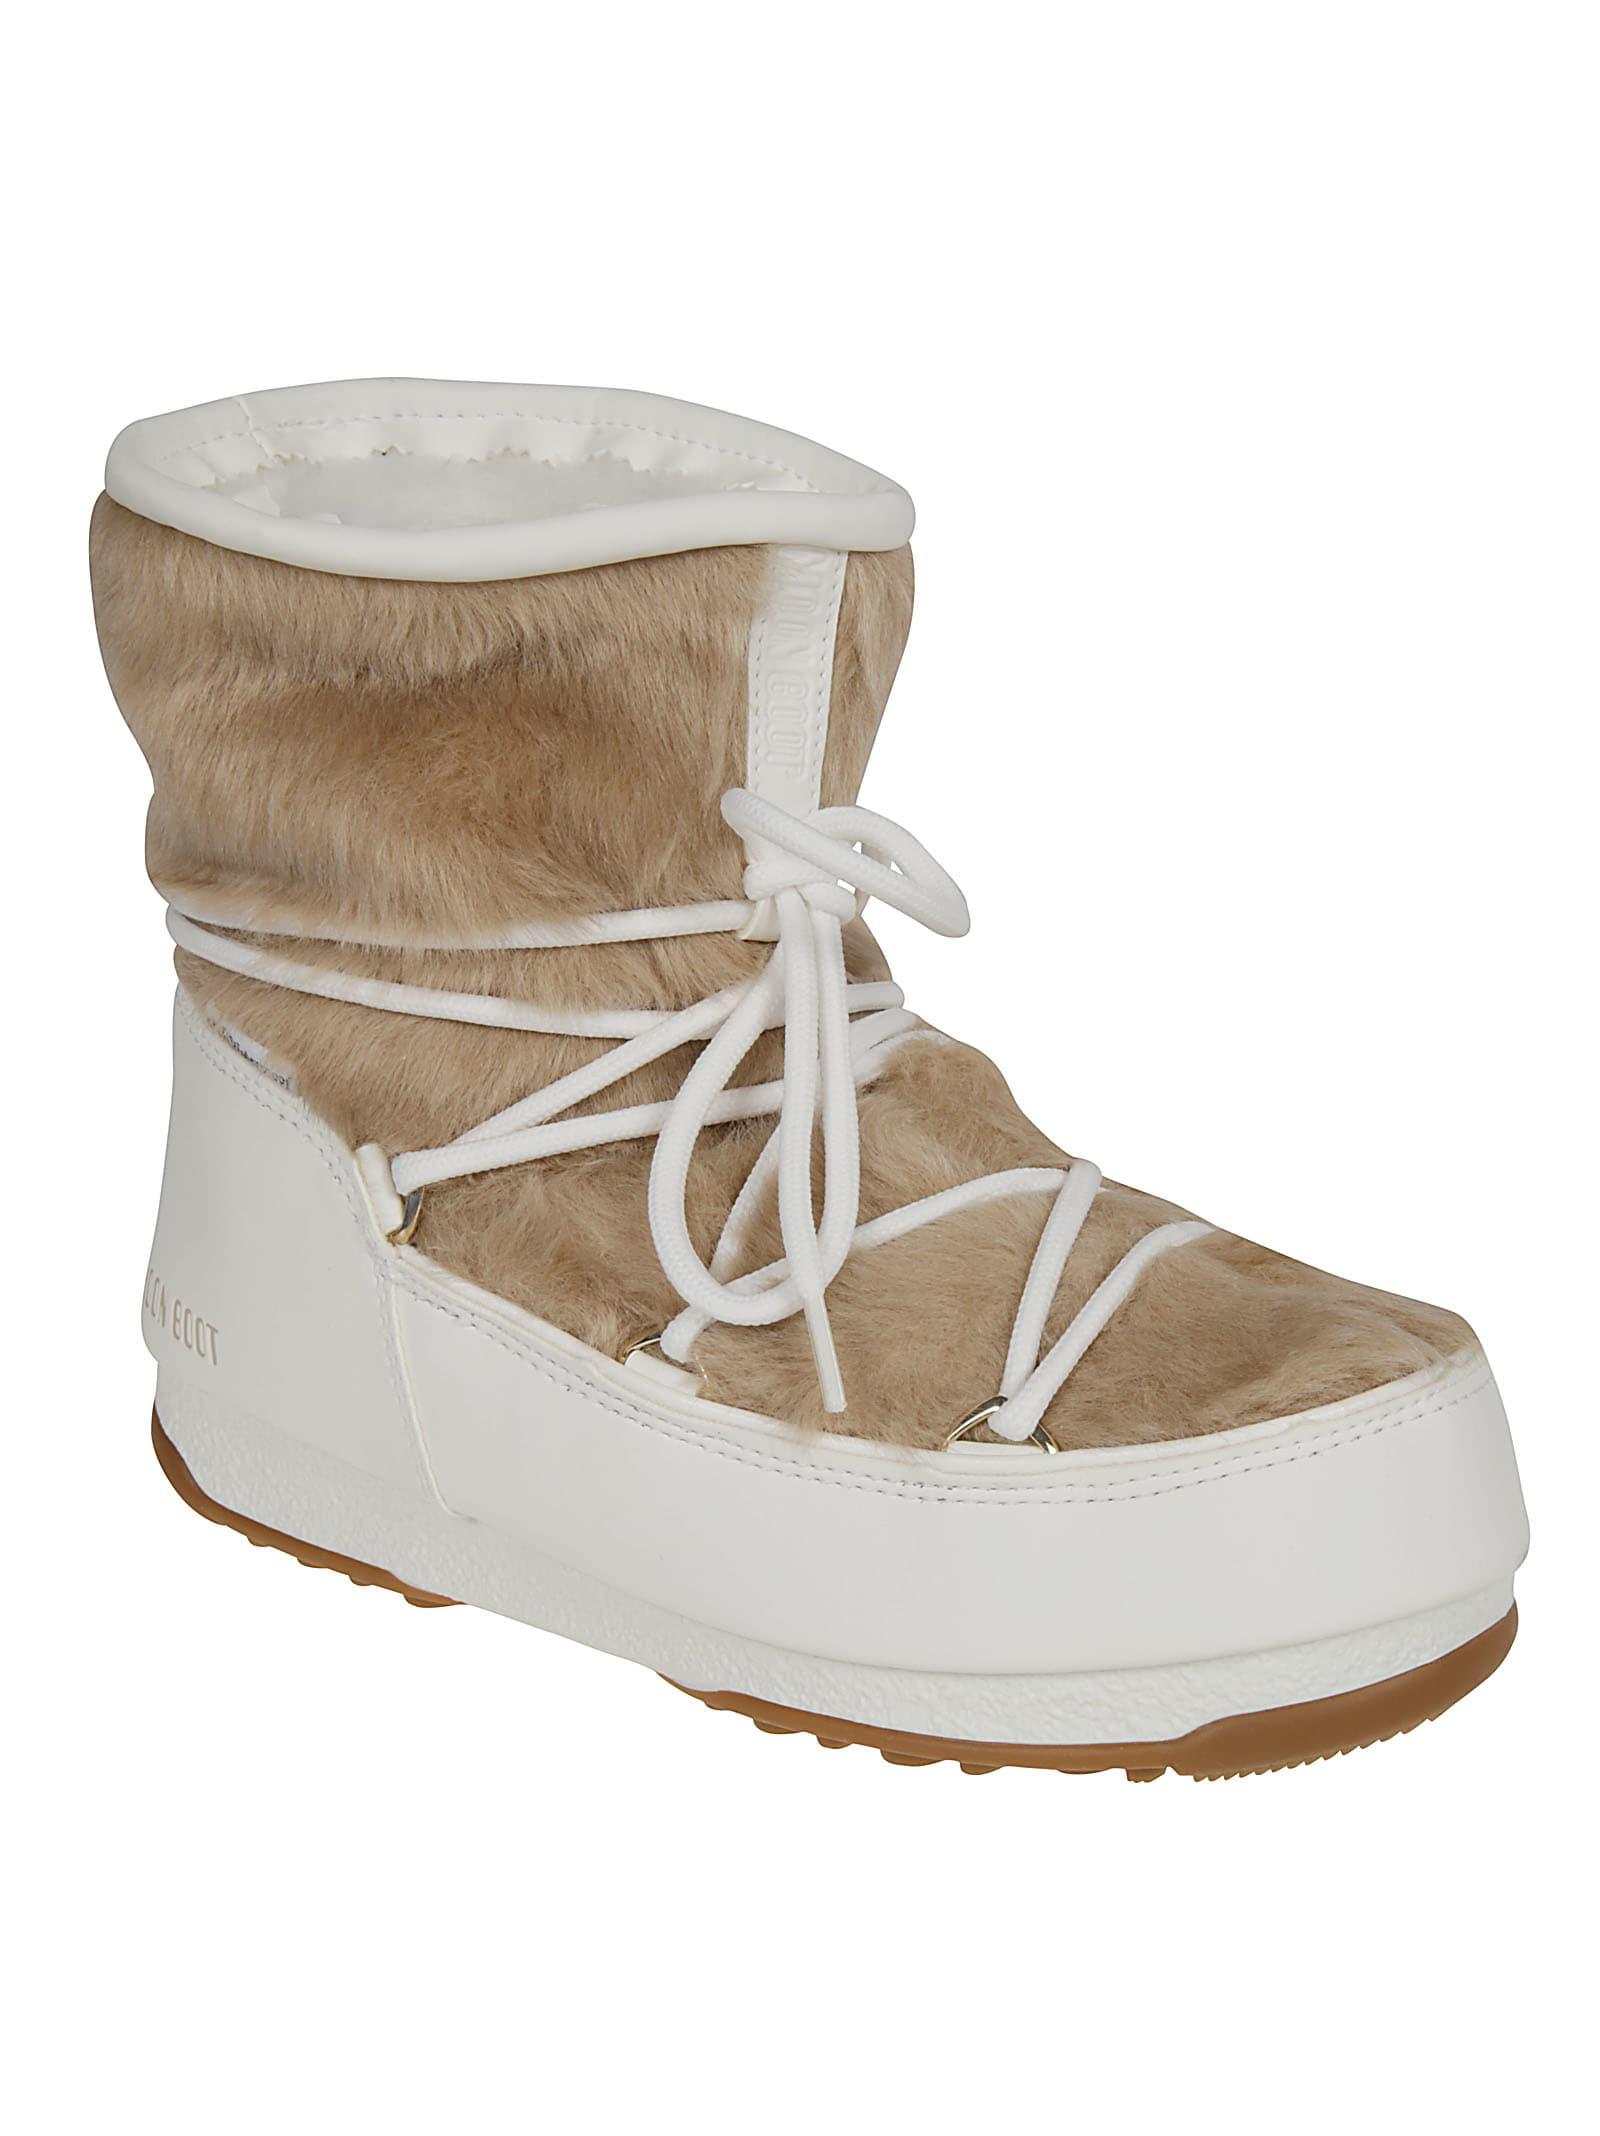 online retailer 6c77d 4de73 Best price on the market at italist   Moon Boot Moon Boot Monaco Low Fur  Moon Boots